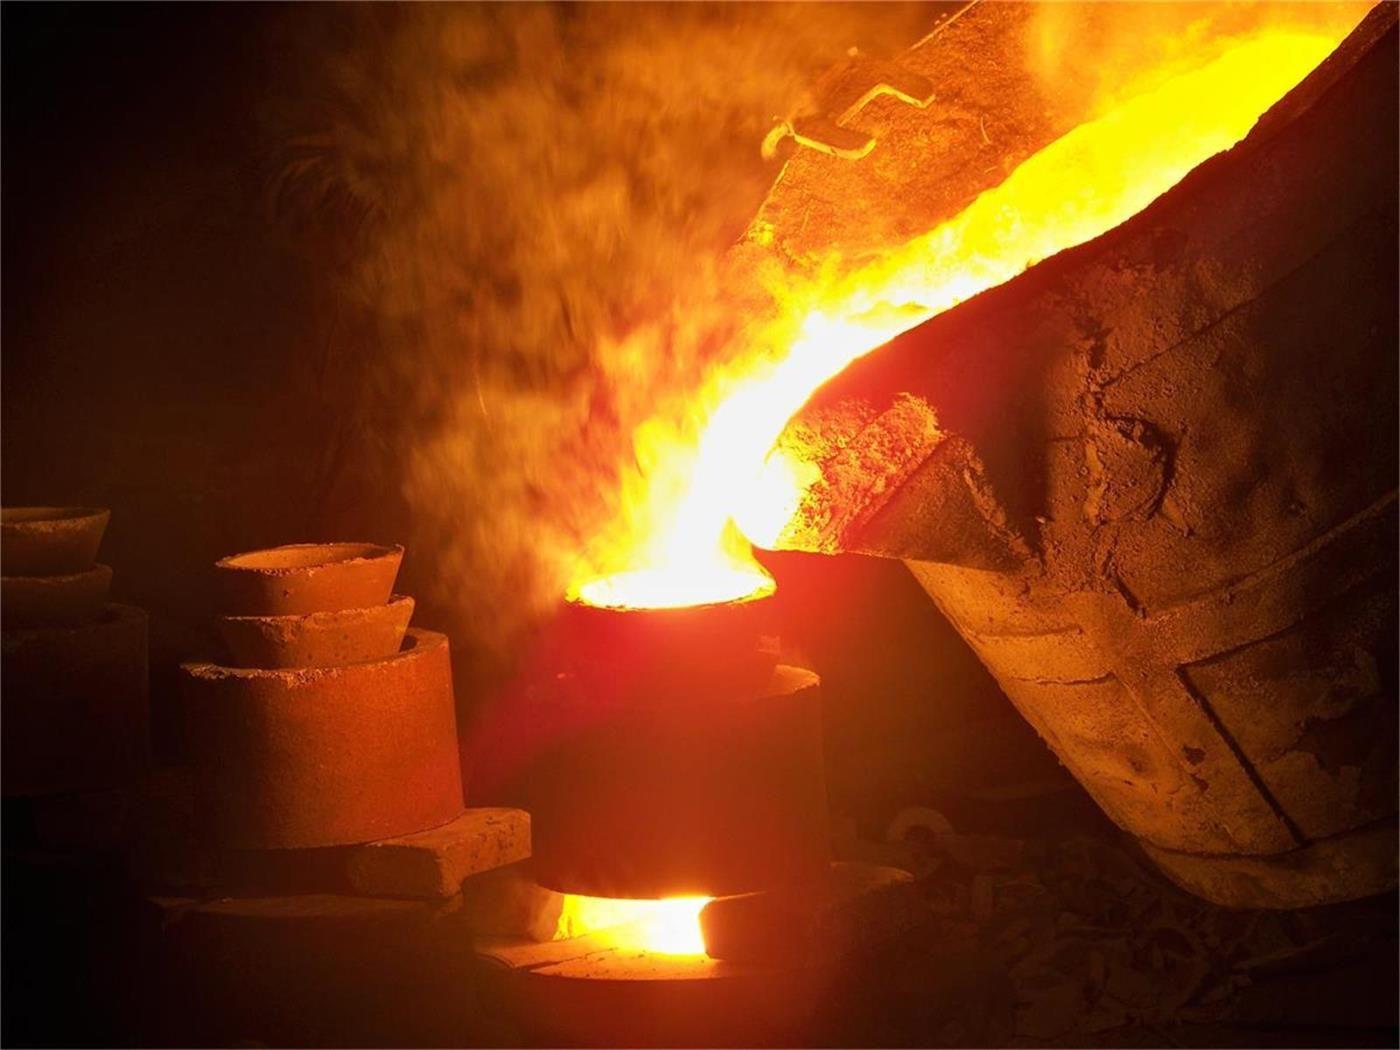 上海保缘特种合金材料有限公司